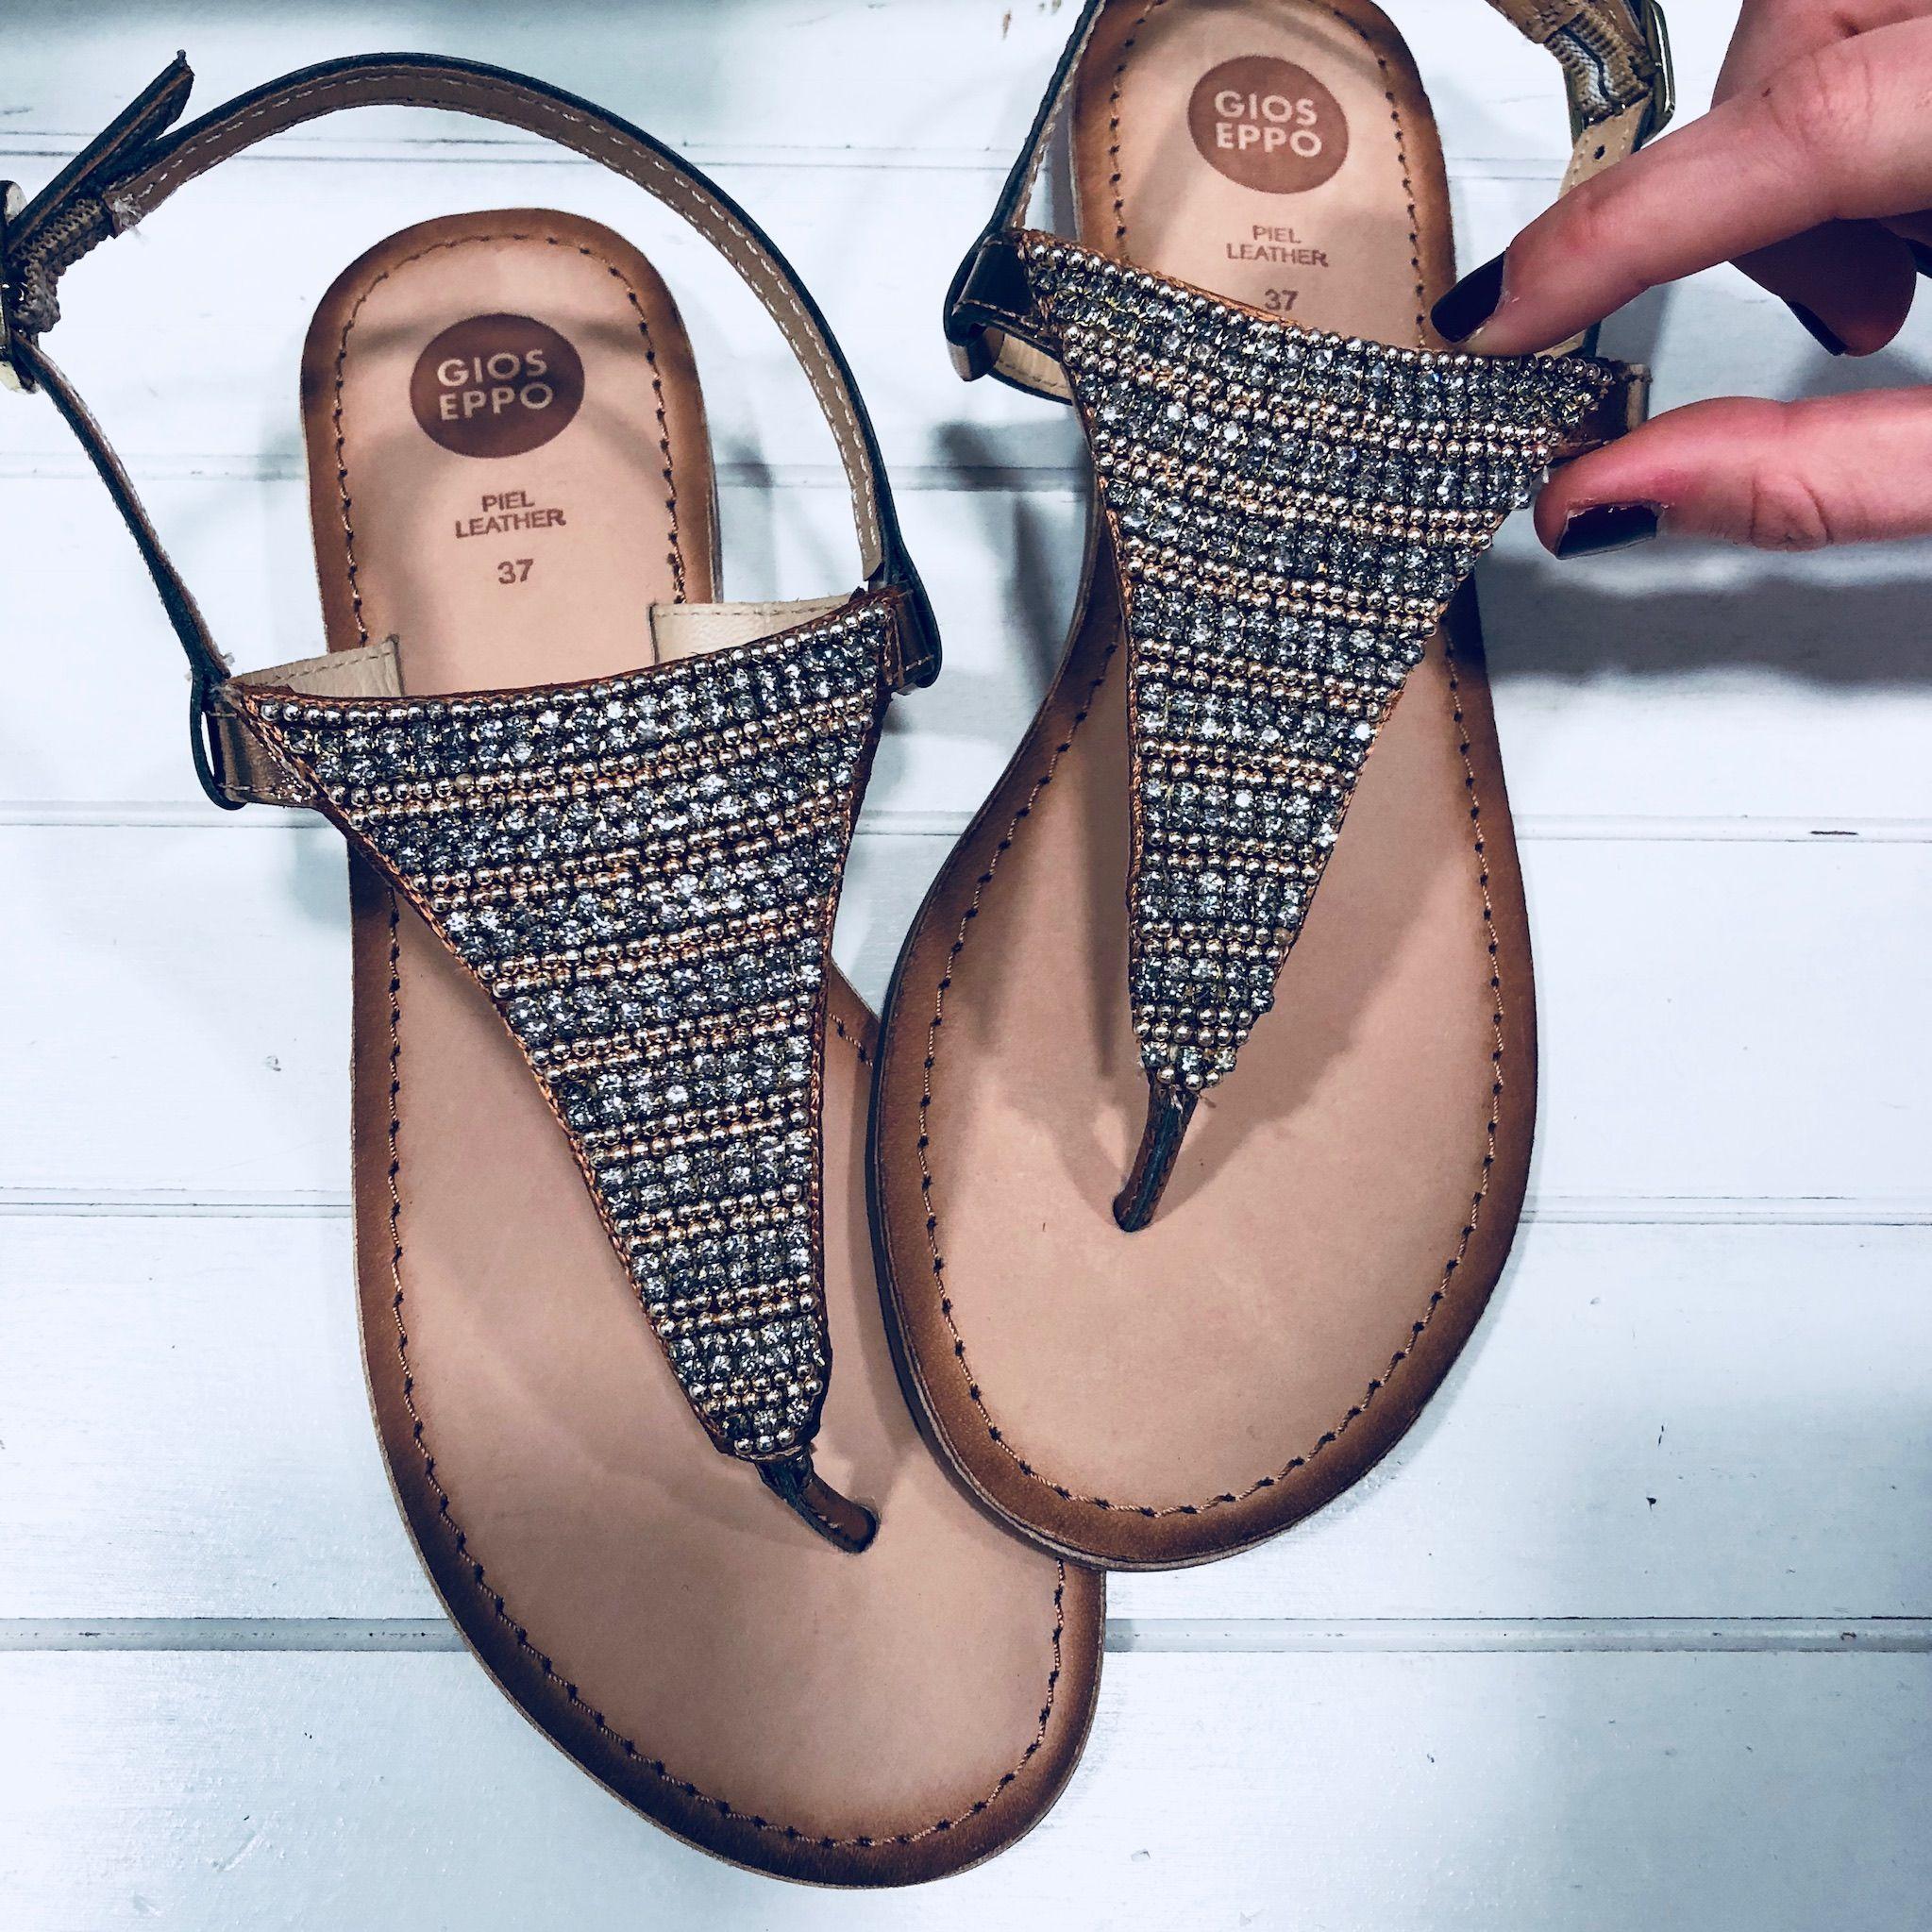 Sandalias estilo esclava de Gioseppo. Pieza de paillettes dorados en el  empeine que nos caee615c86c9